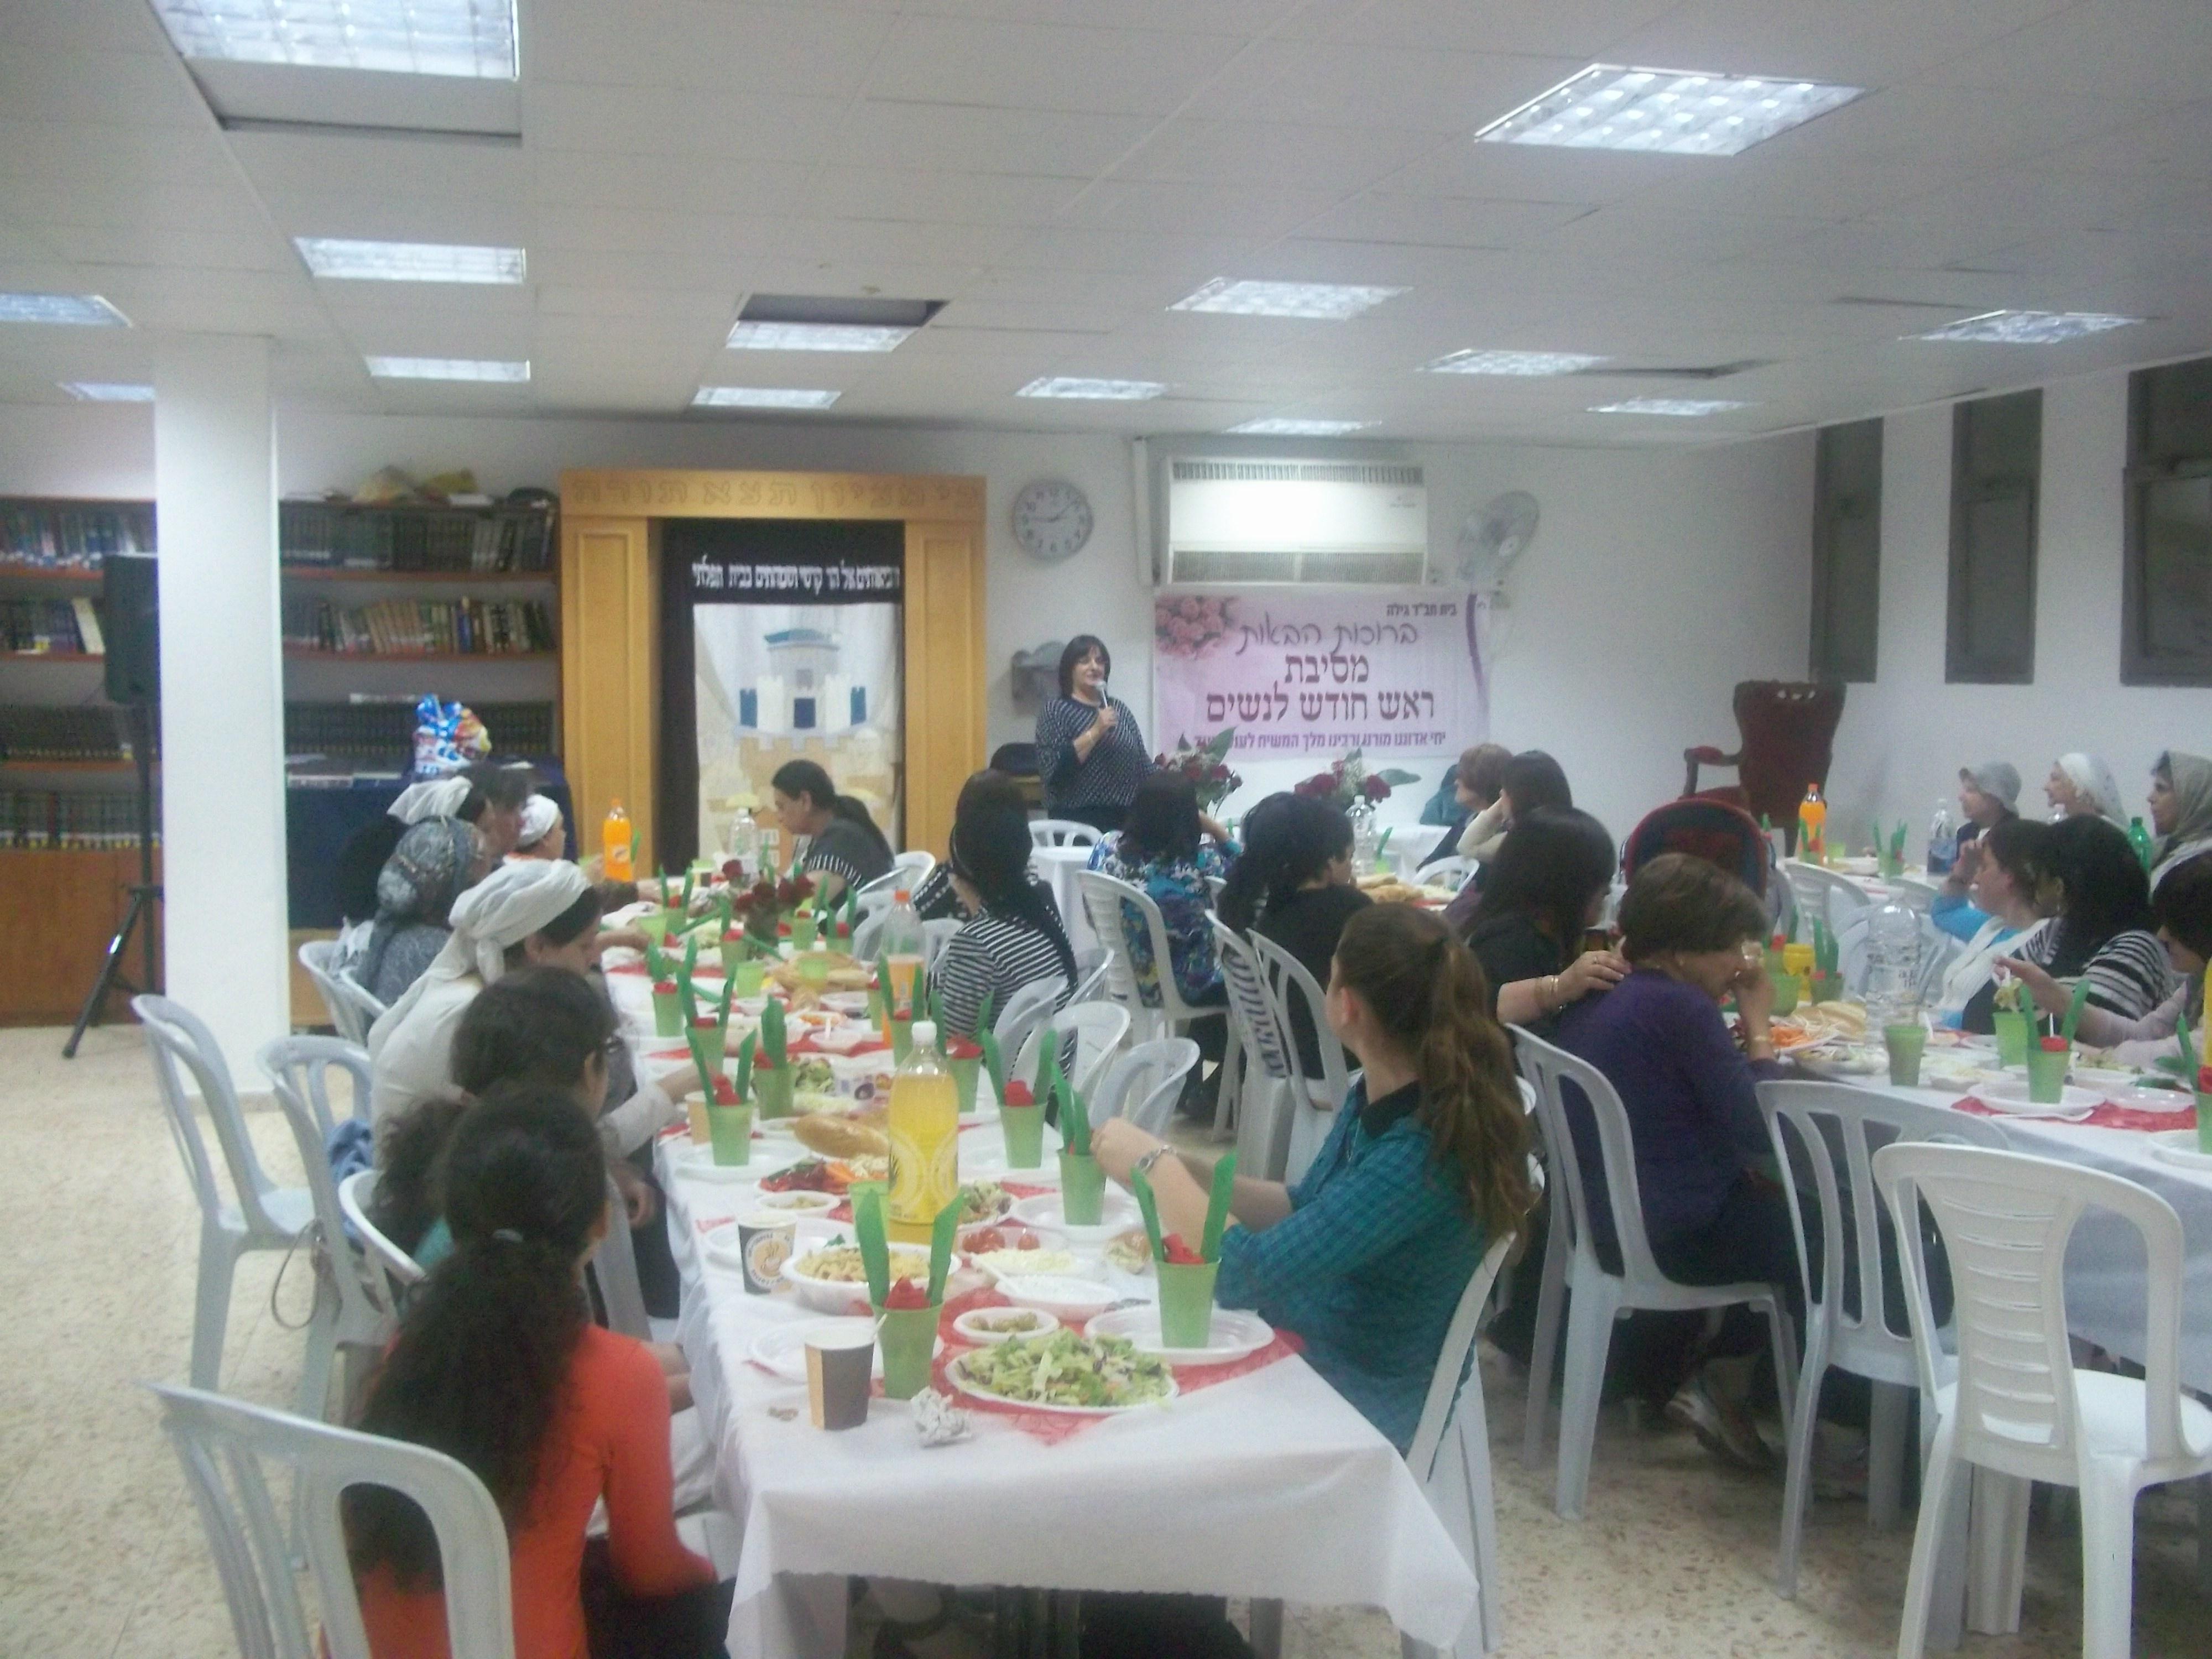 מסיבת ראש חודש לנשים התקיימה בגילה